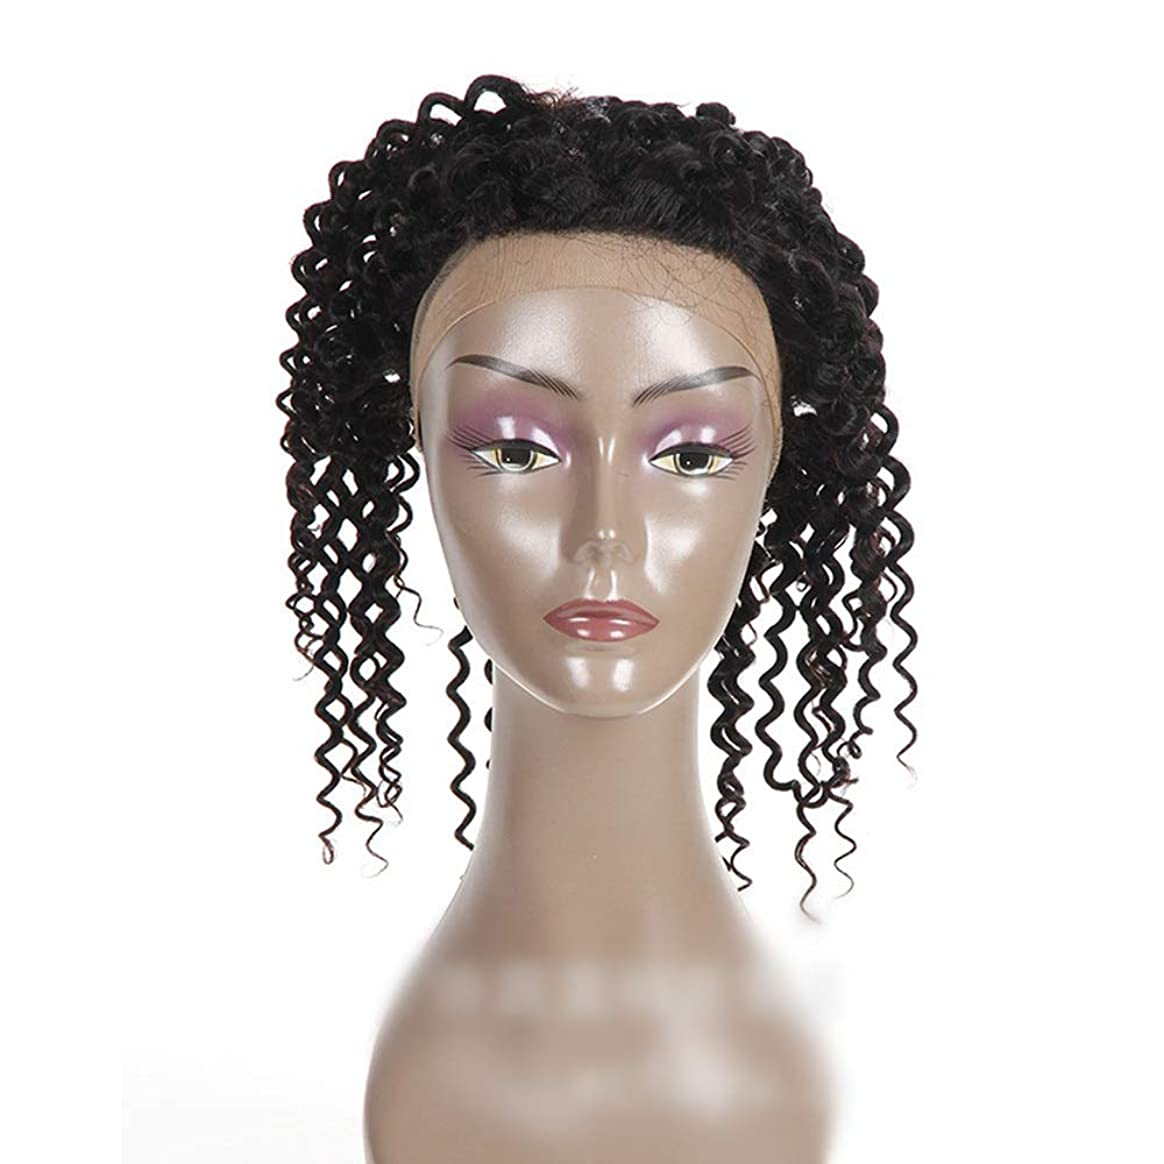 竜巻バージンソケットYrattary ナチュラルカラー360レース前頭閉鎖ブラジル人間の髪の毛深い波カーリーフリーパートヘアエクステンションショートカーリーウィッグ (色 : ブラック, サイズ : 14 inch)